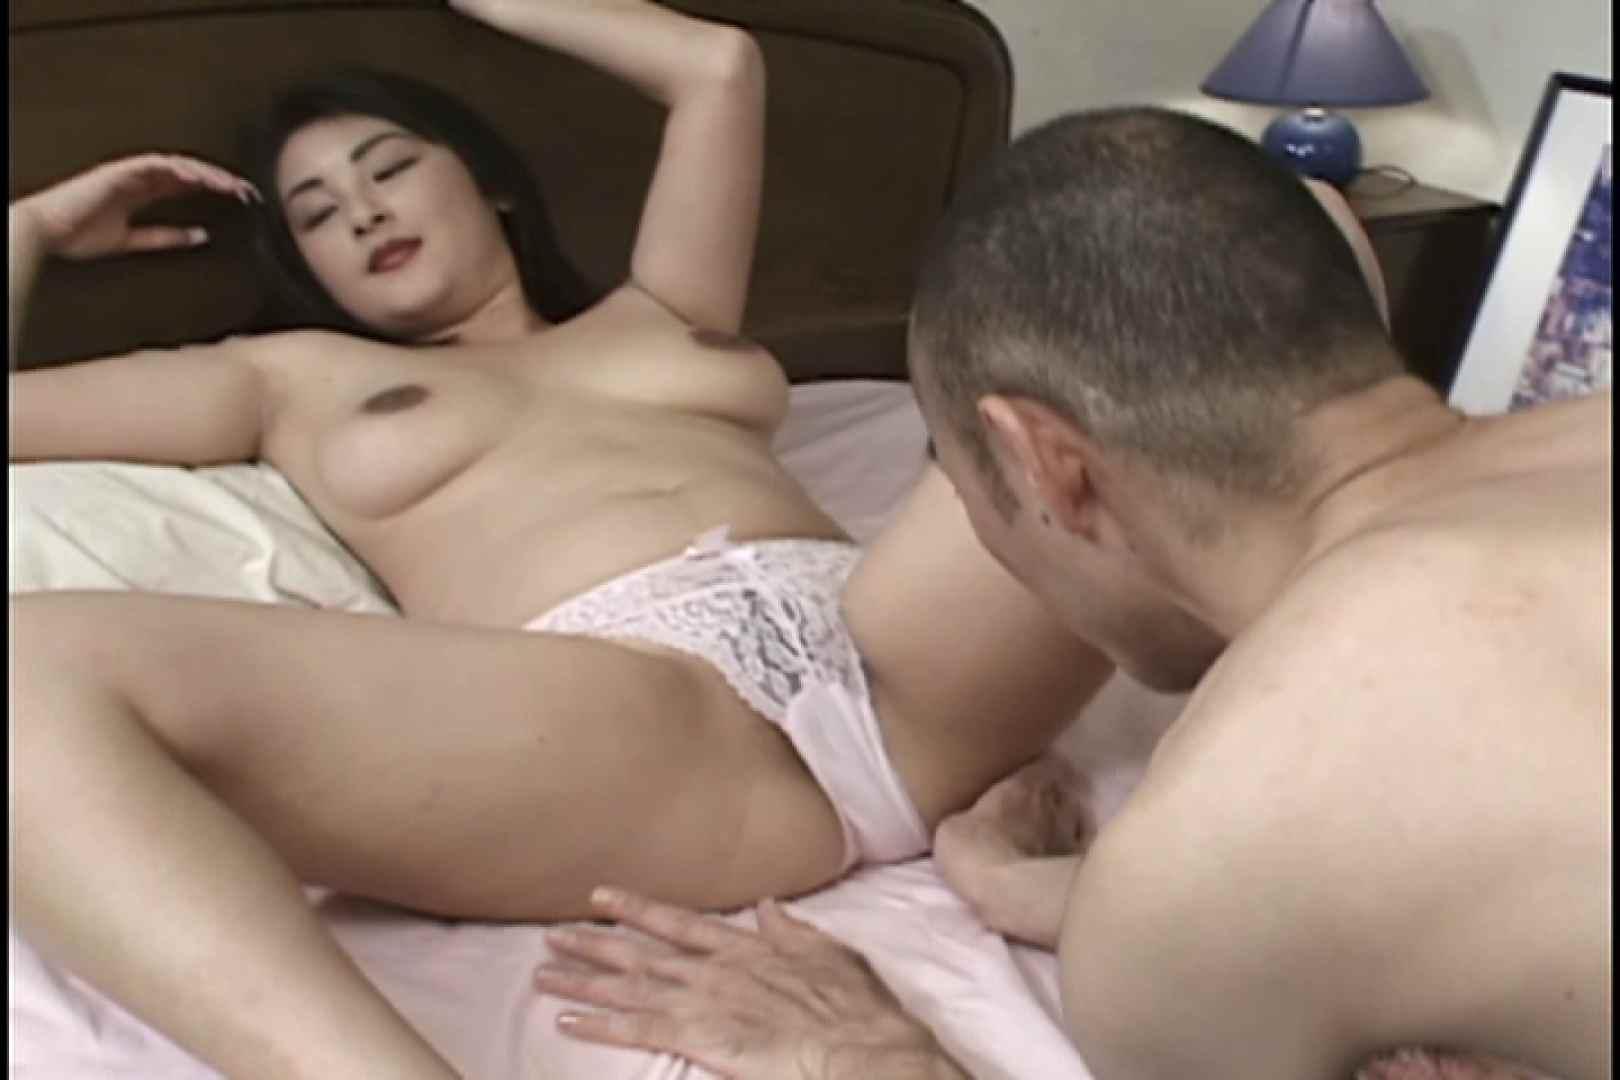 エロフェロモン全開の90センチ巨乳の淫乱人妻とSEX~篠崎麻美~ バイブプレイ  84pic 80